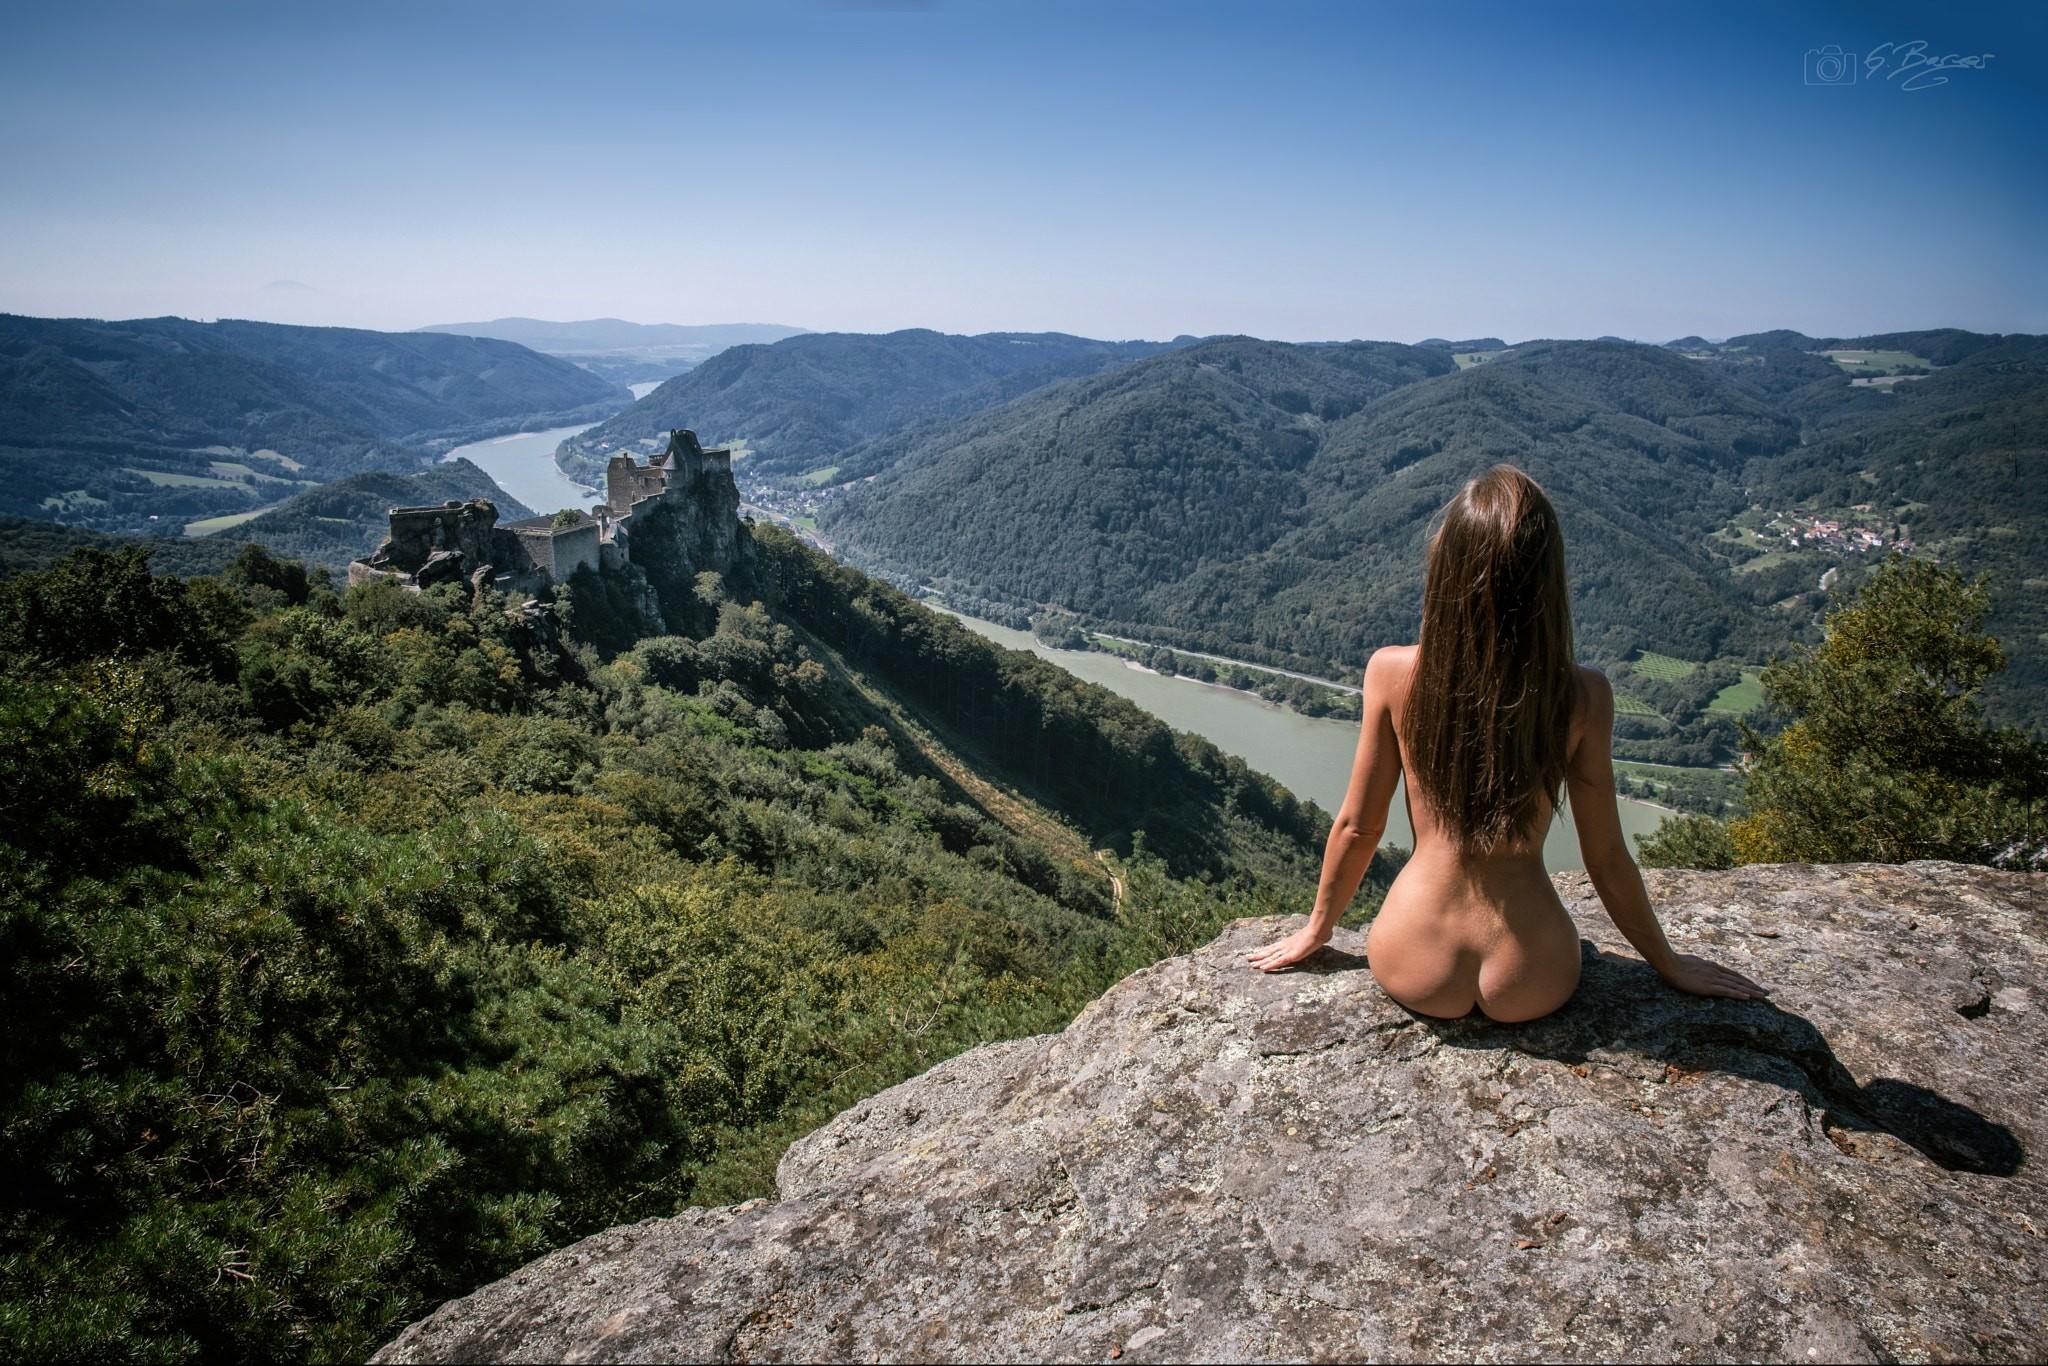 секс абсолютно голая в горах сейчас дома, потому